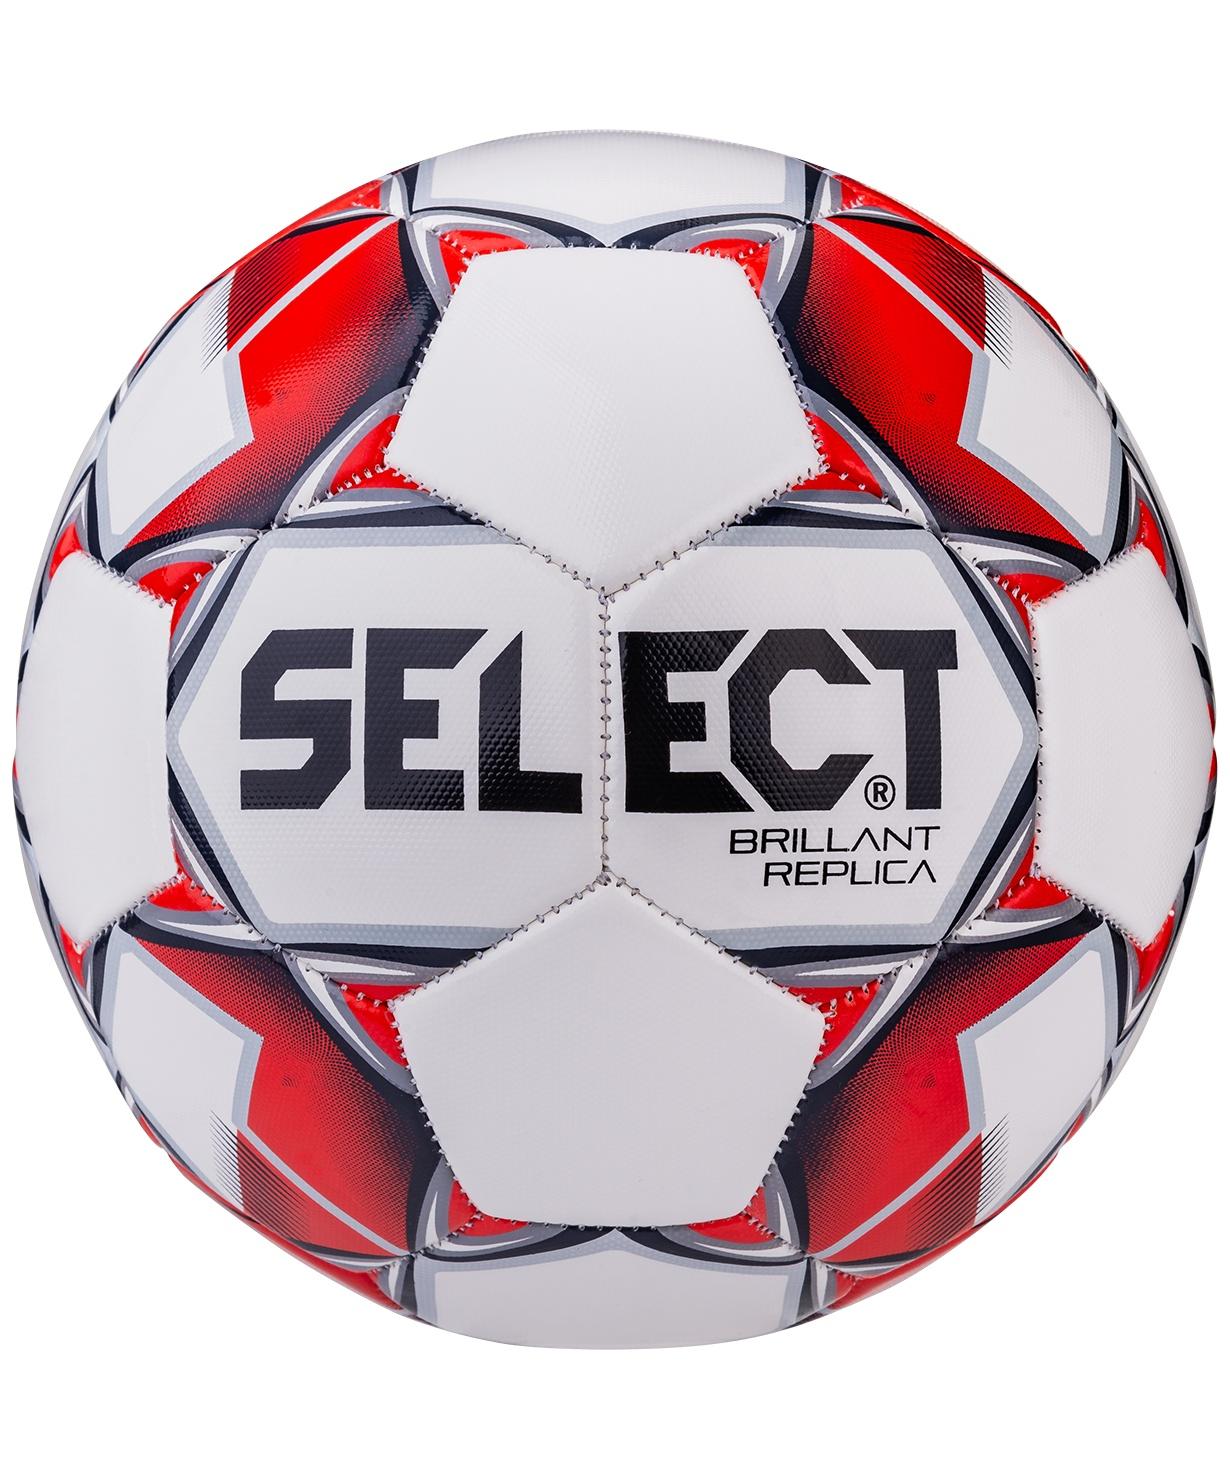 Мяч футбольный Select Brillant Replica, р.5 белый/красный/серый (5)